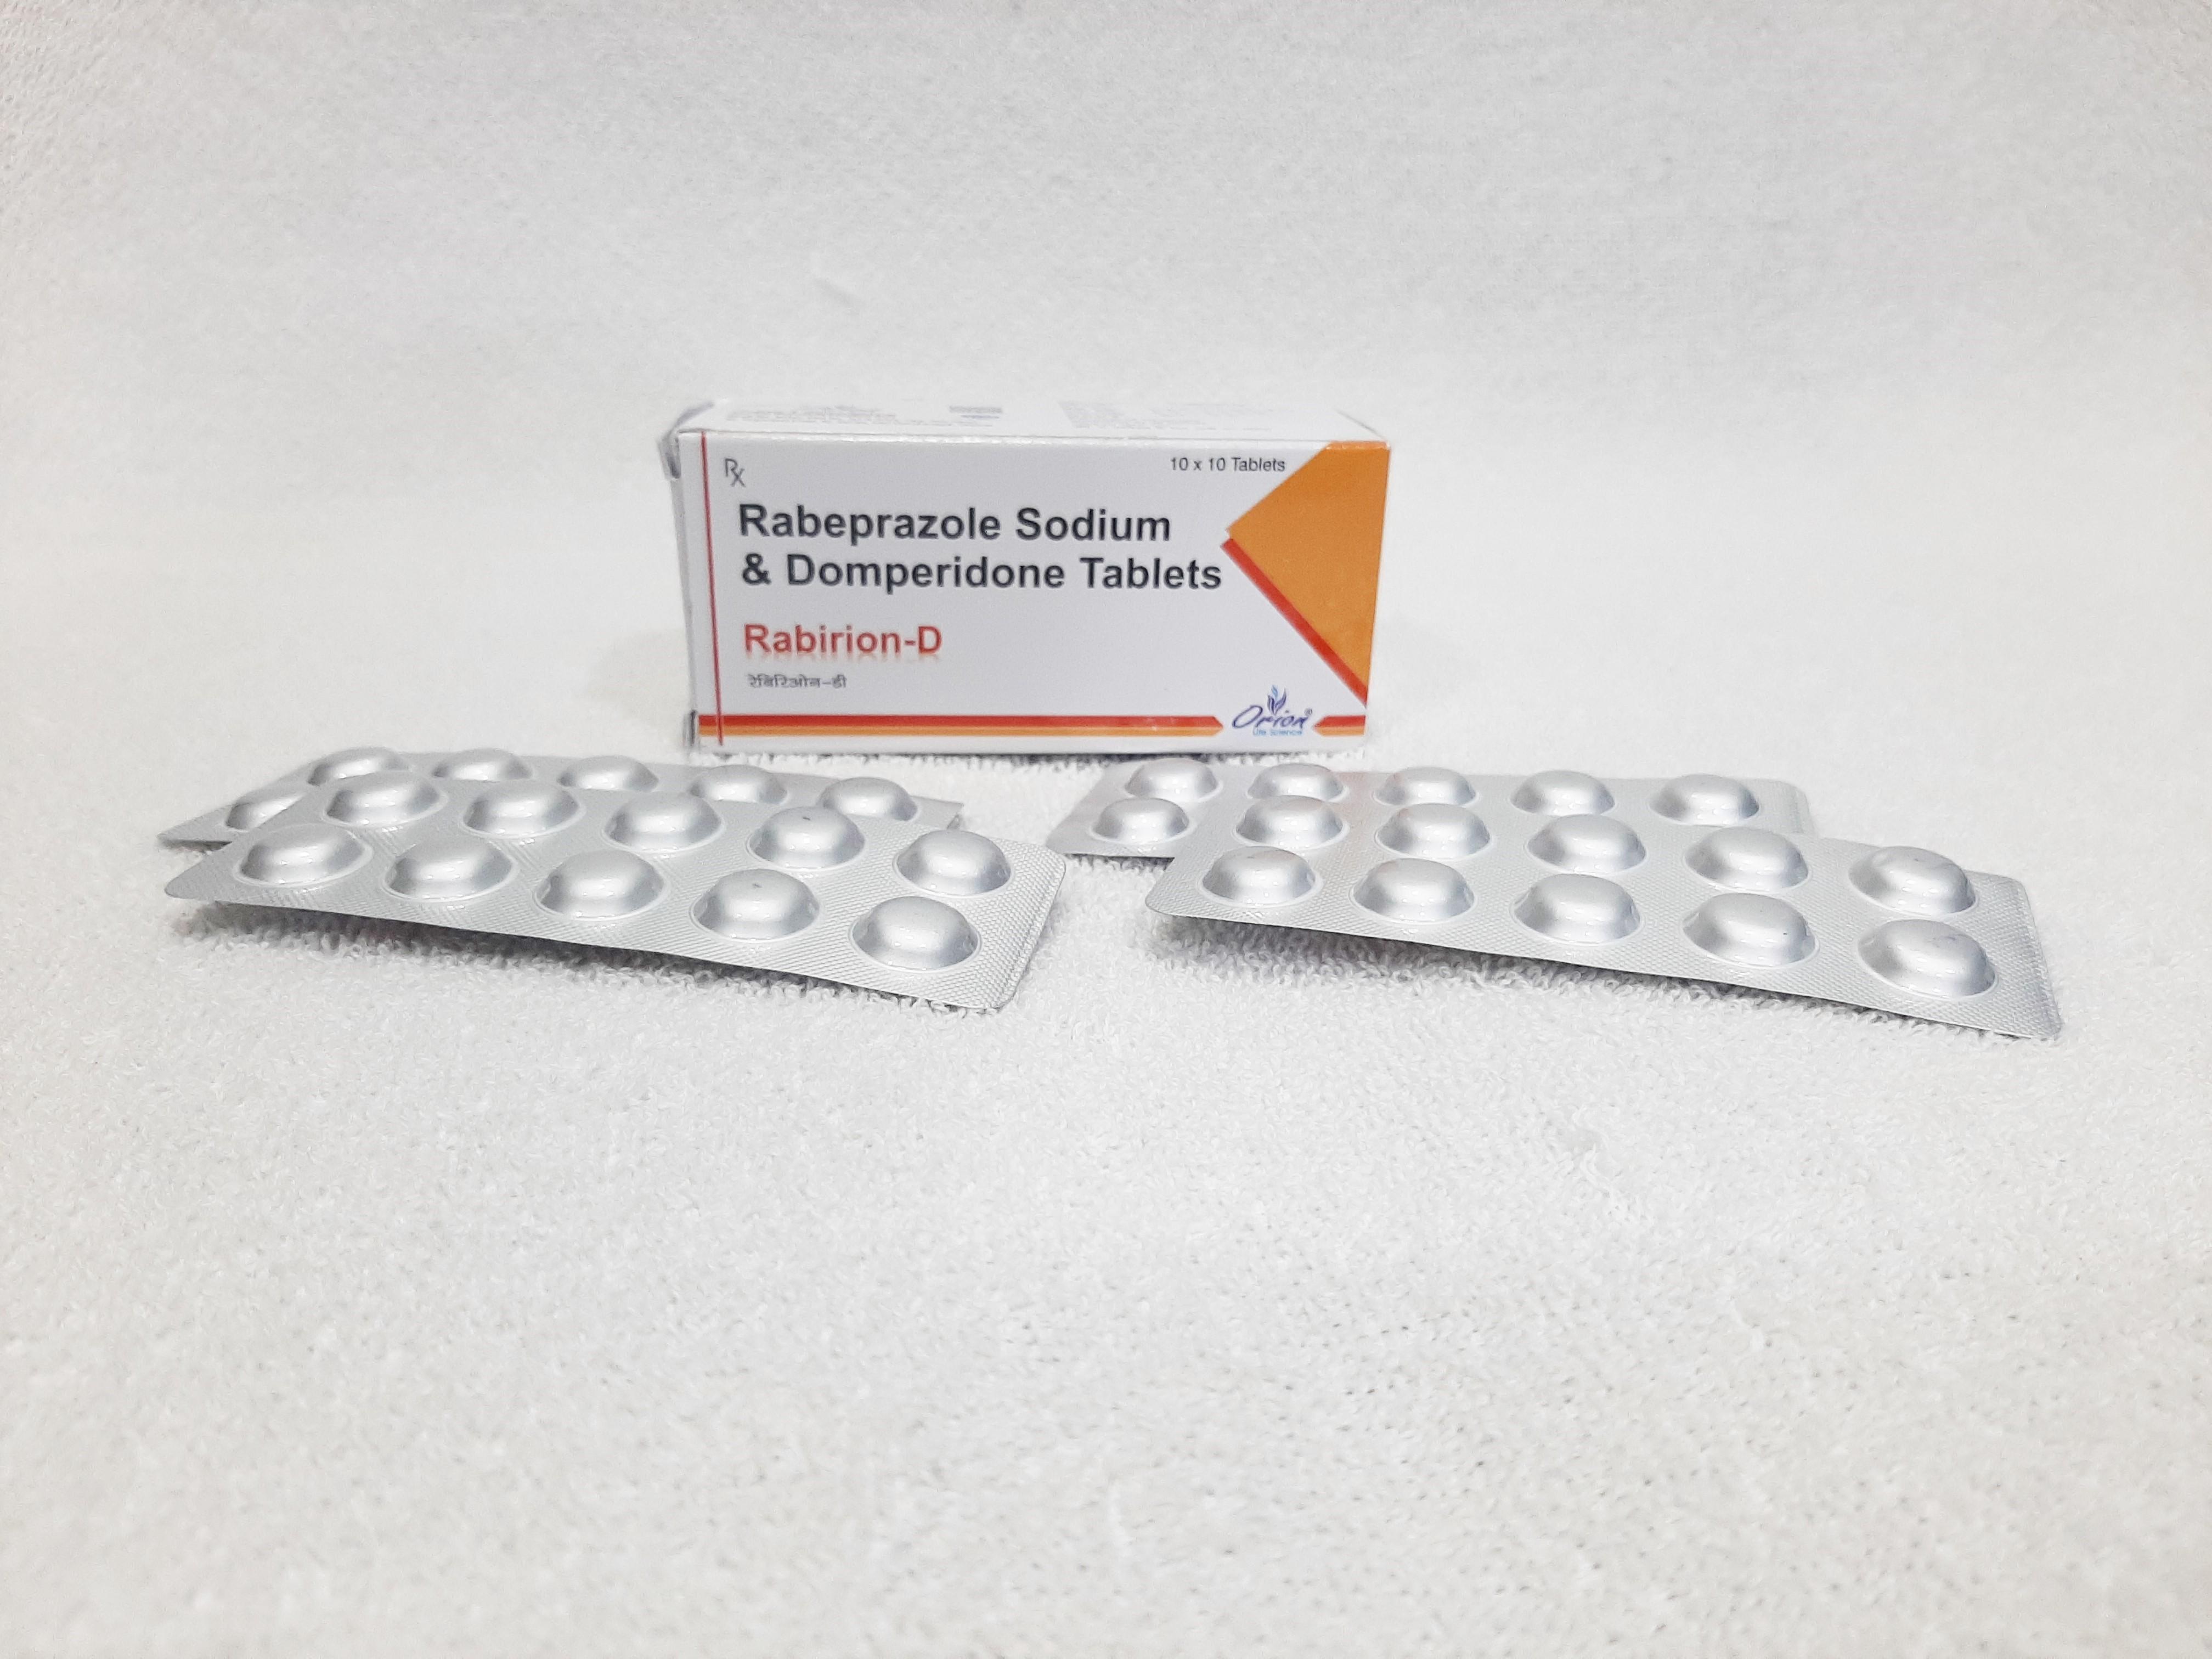 Rabeprazole sodium & domperidone tablet